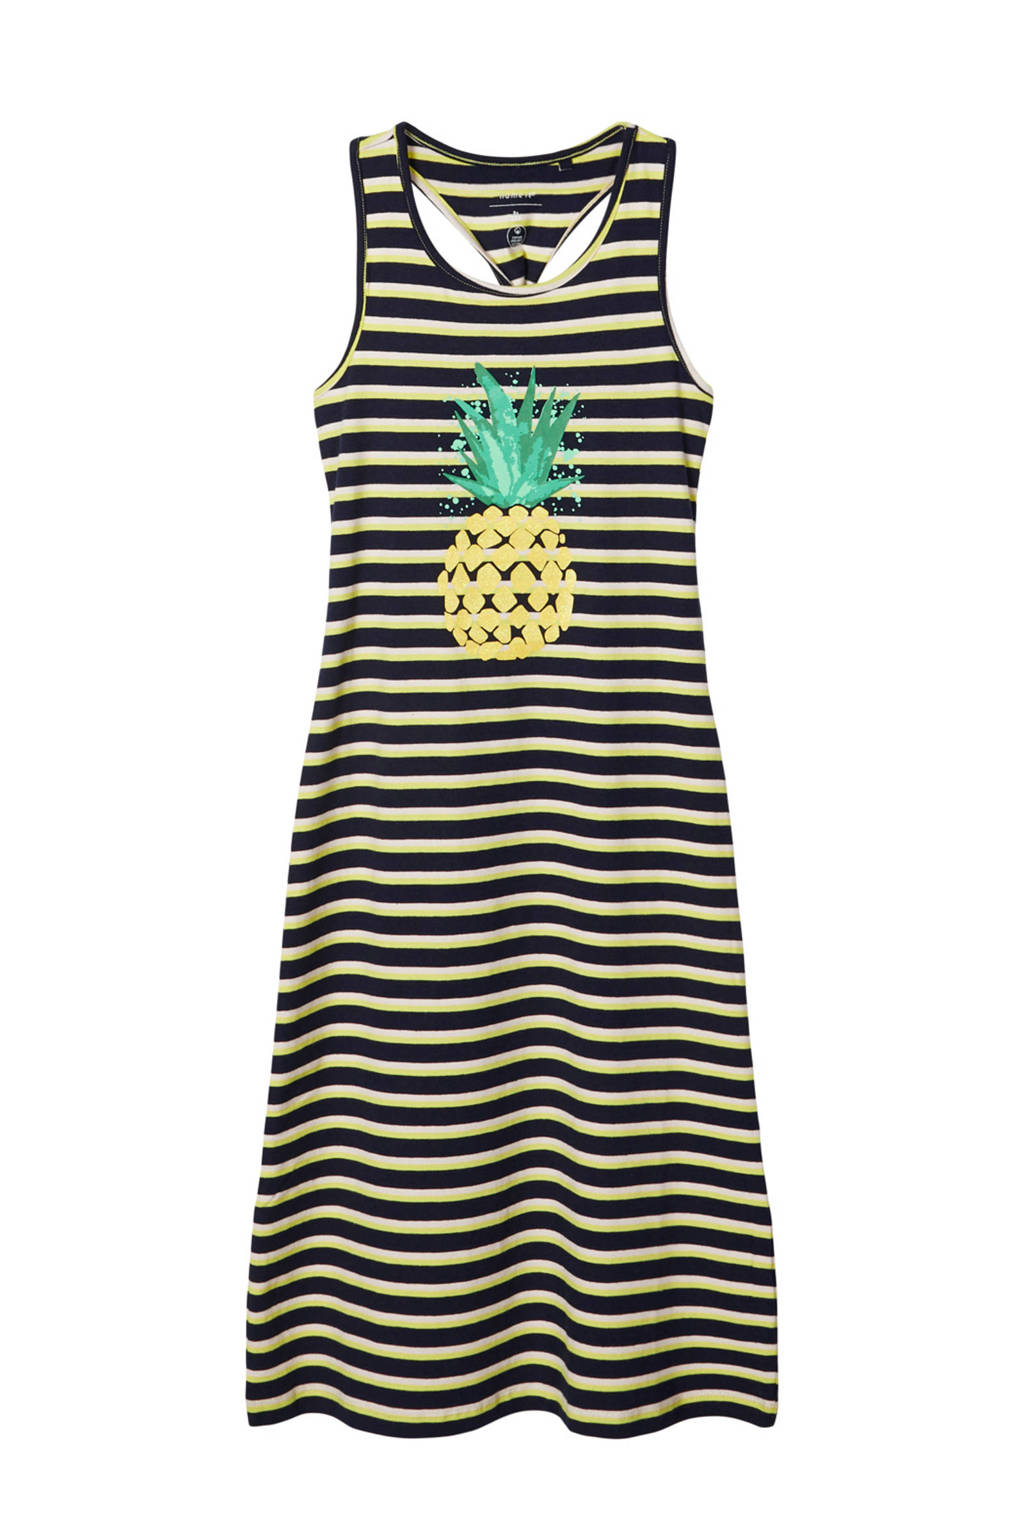 NAME IT KIDS gestreepte maxi jurk Jitra met biologisch katoen geel/zwart/groen, Geel/zwart/groen